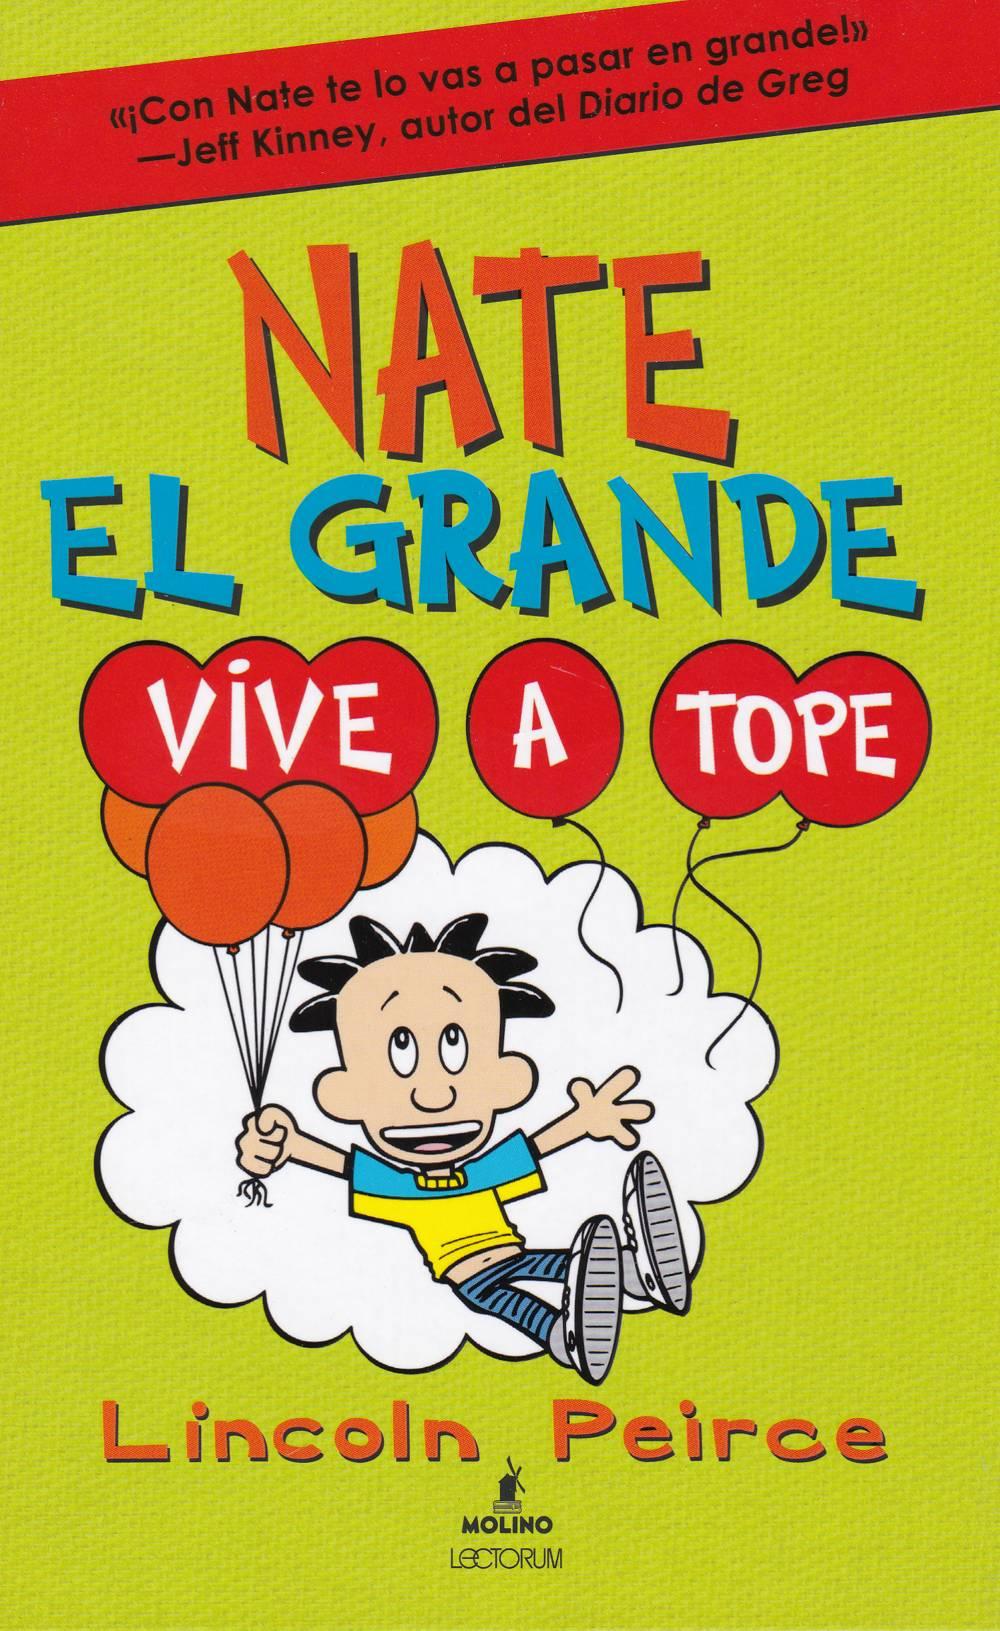 Nate el grande Collection, Big Nate Collection, Rey Del Sol, Del Sol Books, Del Sol University